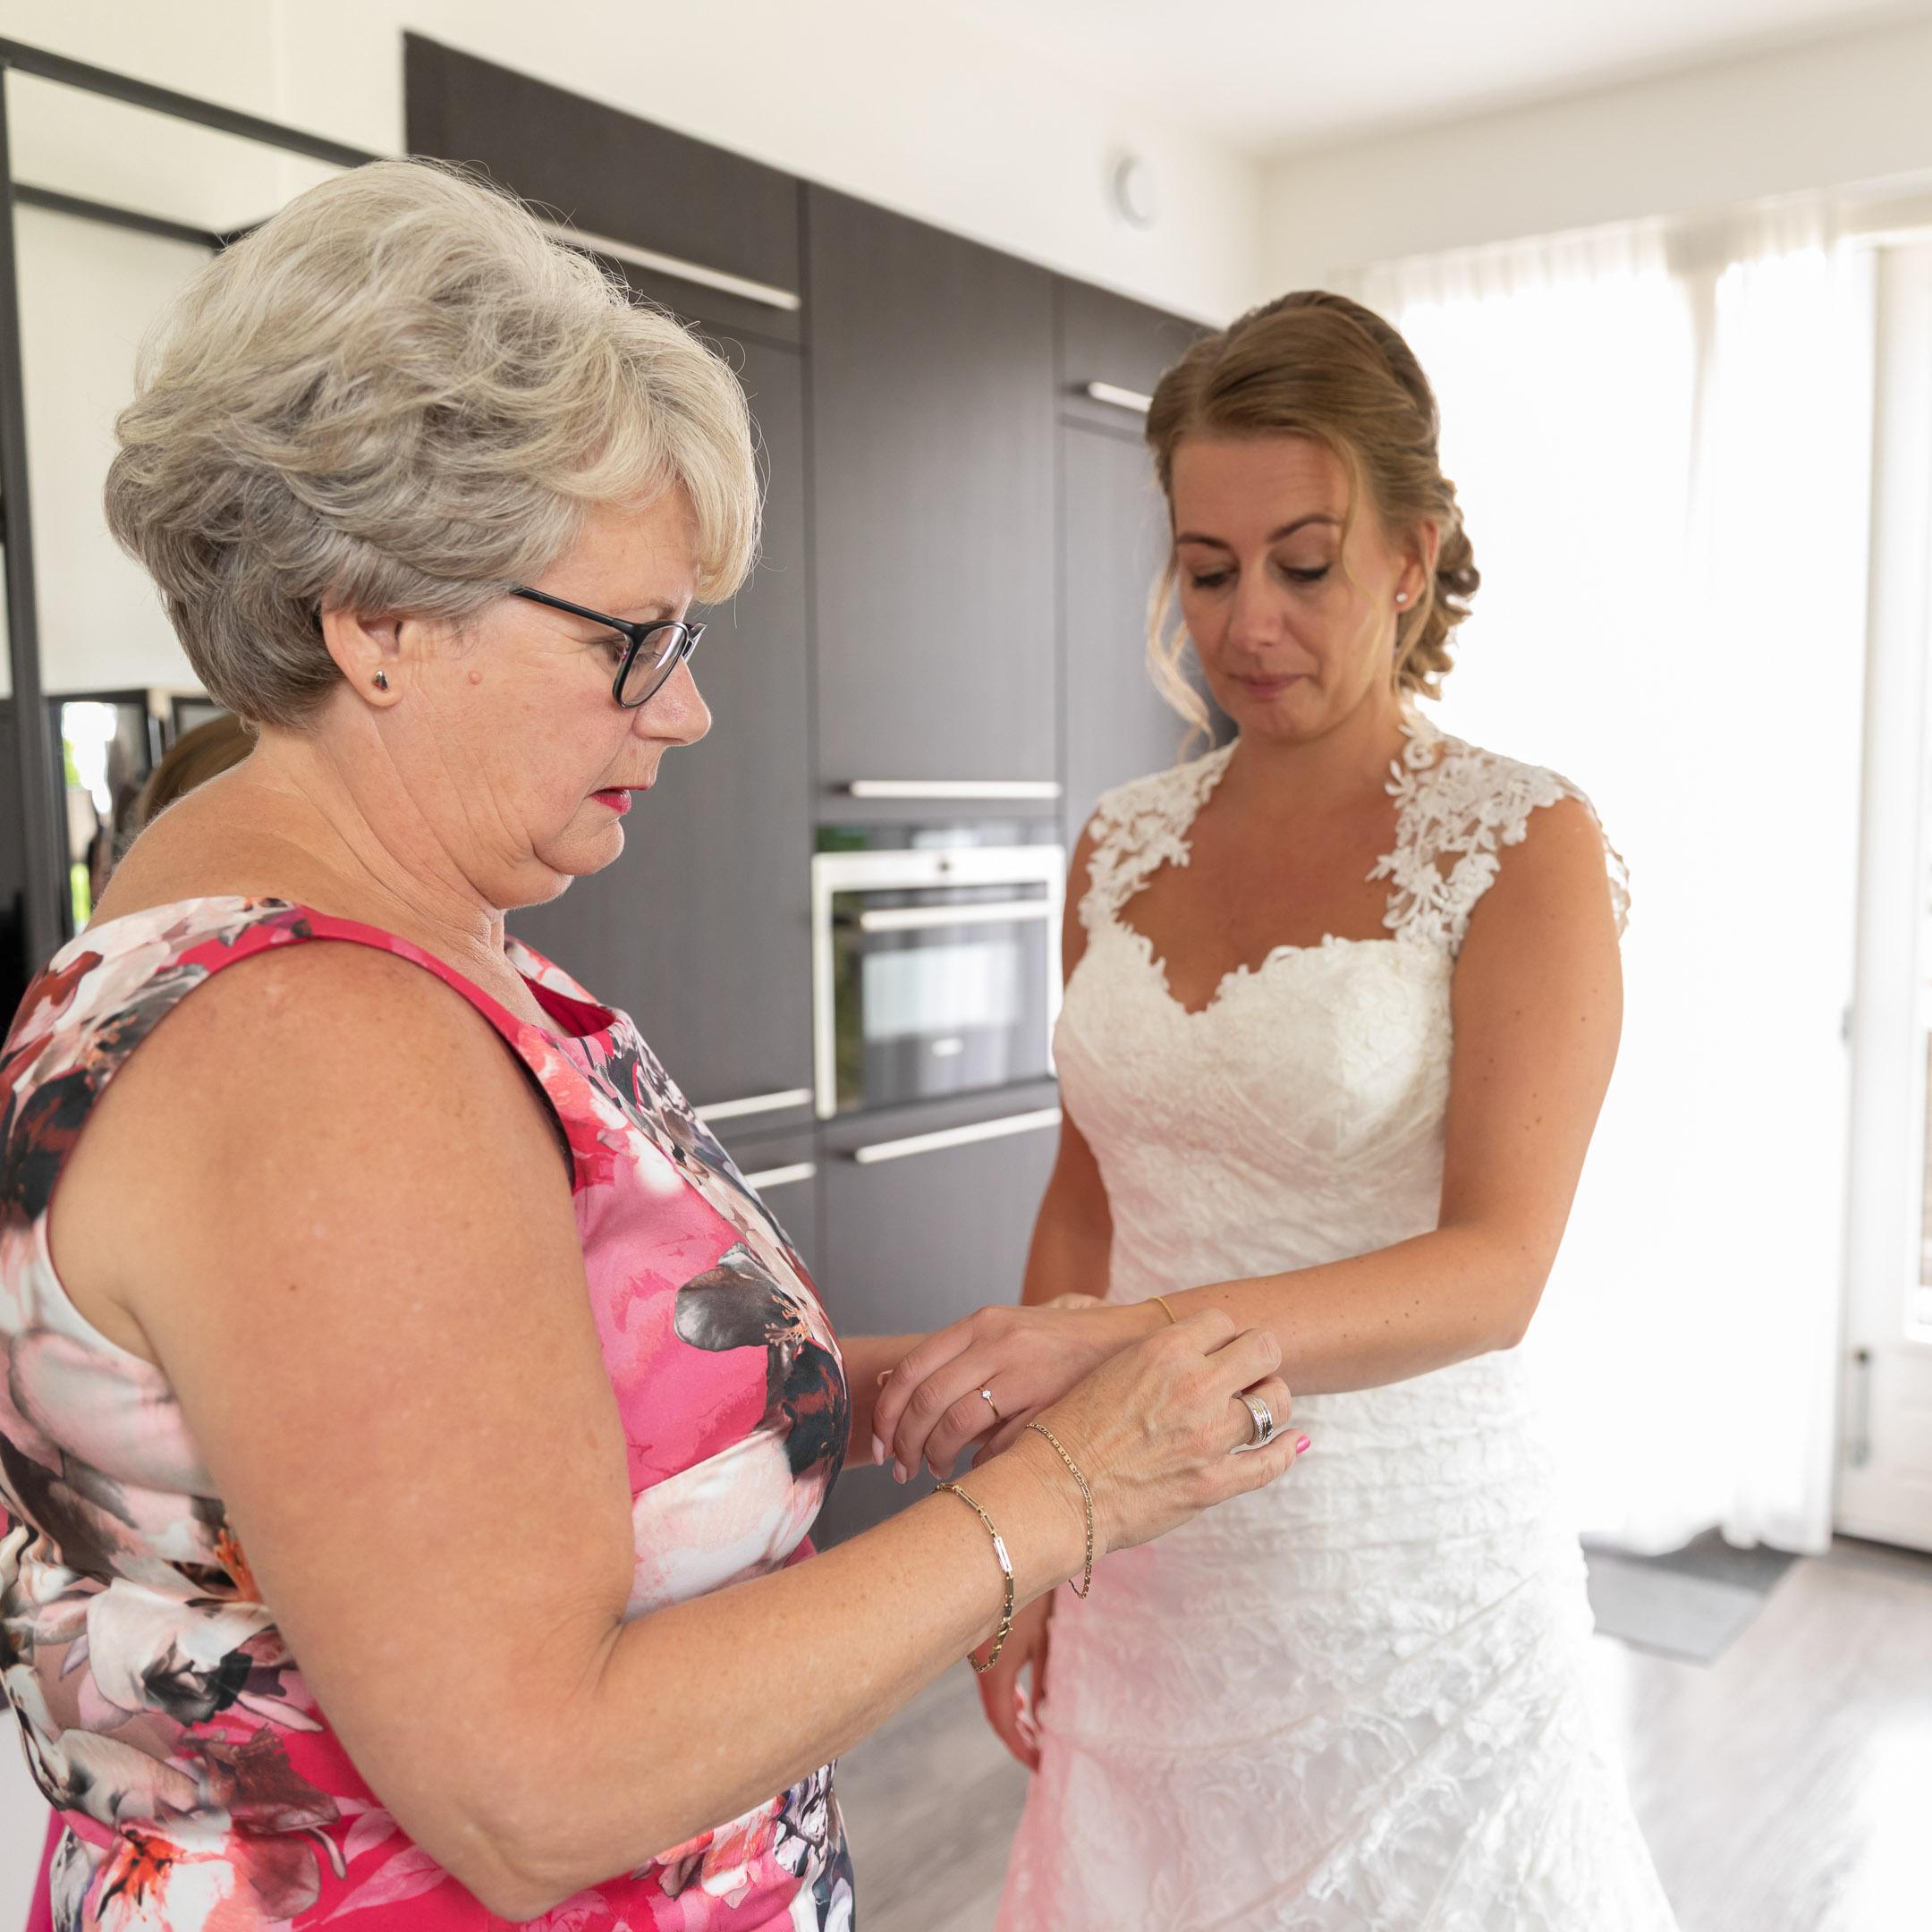 Bruidsfotografie; trouwfotograaf bij emotioneel moment bij bruid en moeder van de bruid.